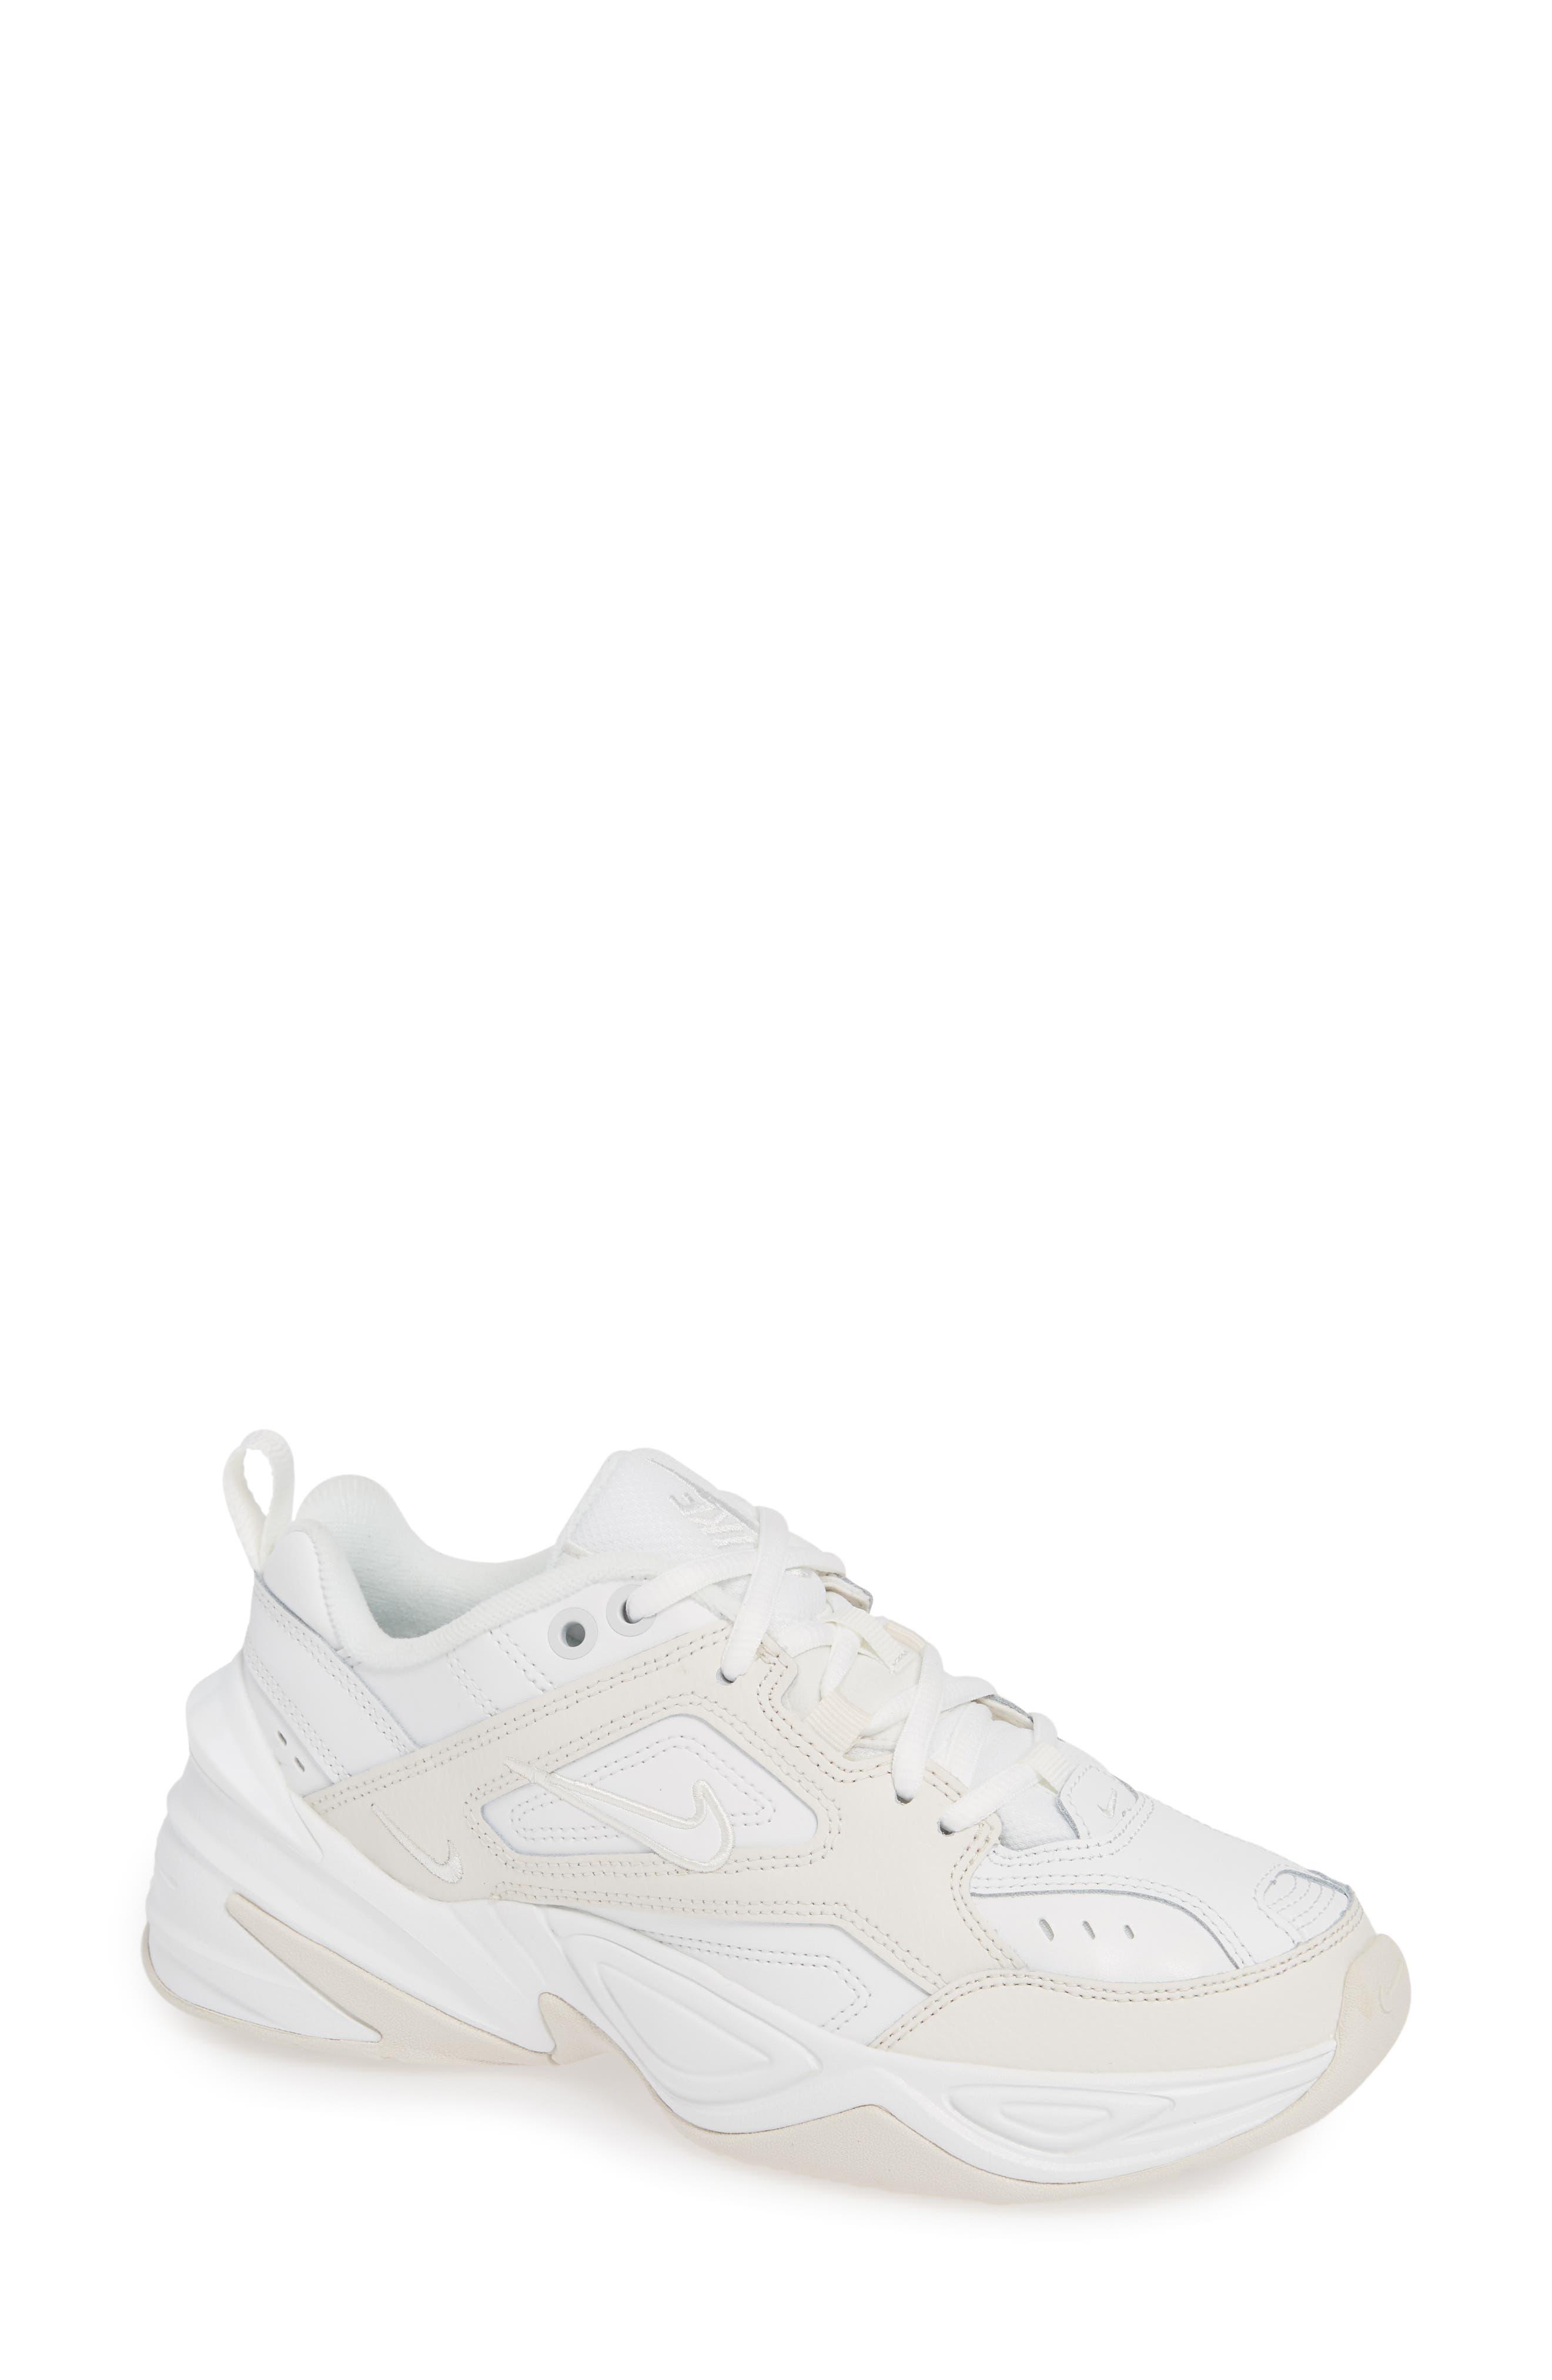 M2K Tekno Sneaker,                             Main thumbnail 1, color,                             WHITE